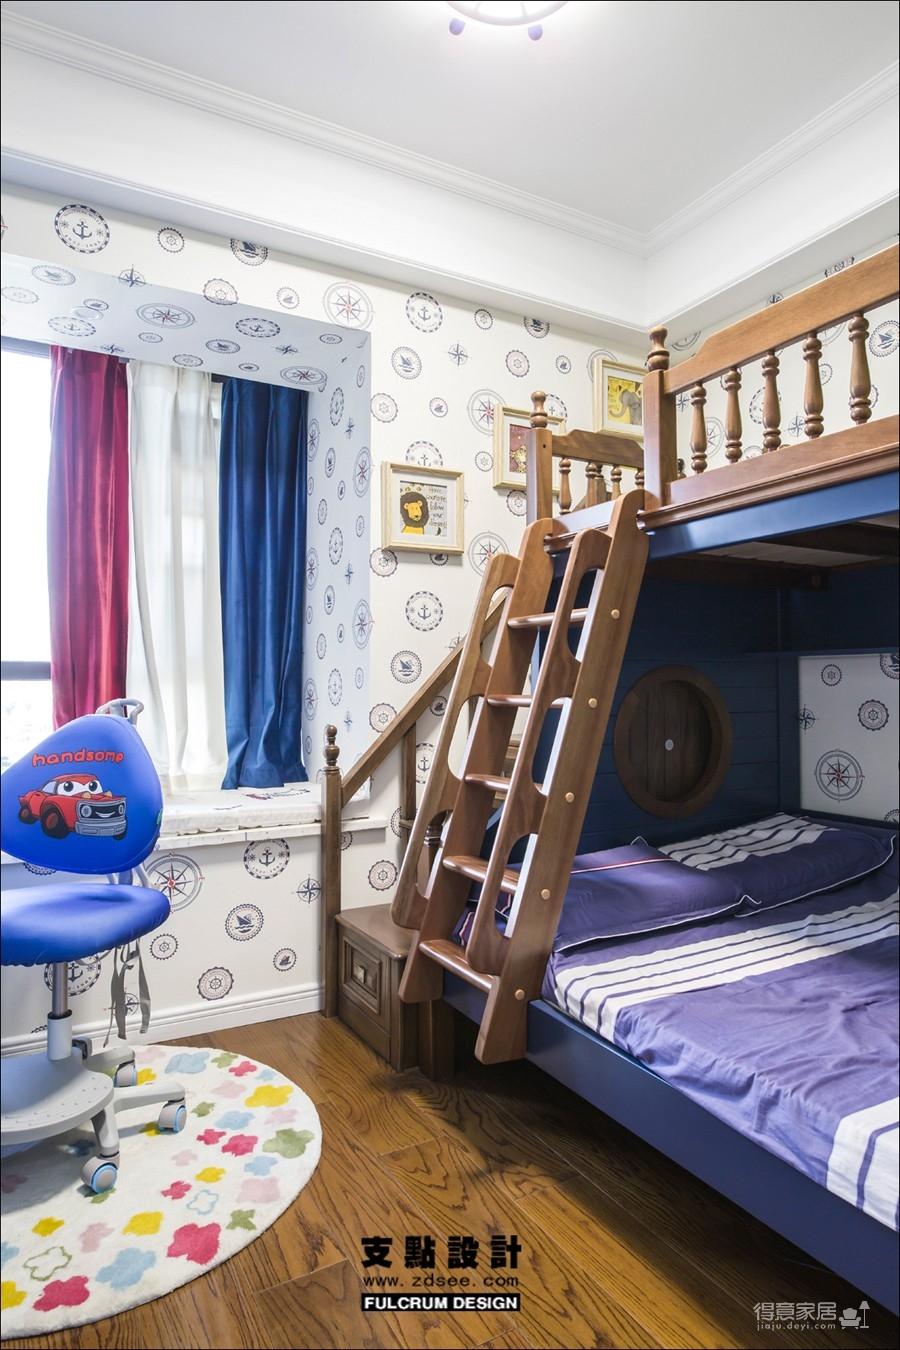 潋一室幽蓝,守一室繁华——133平现代美式图_6